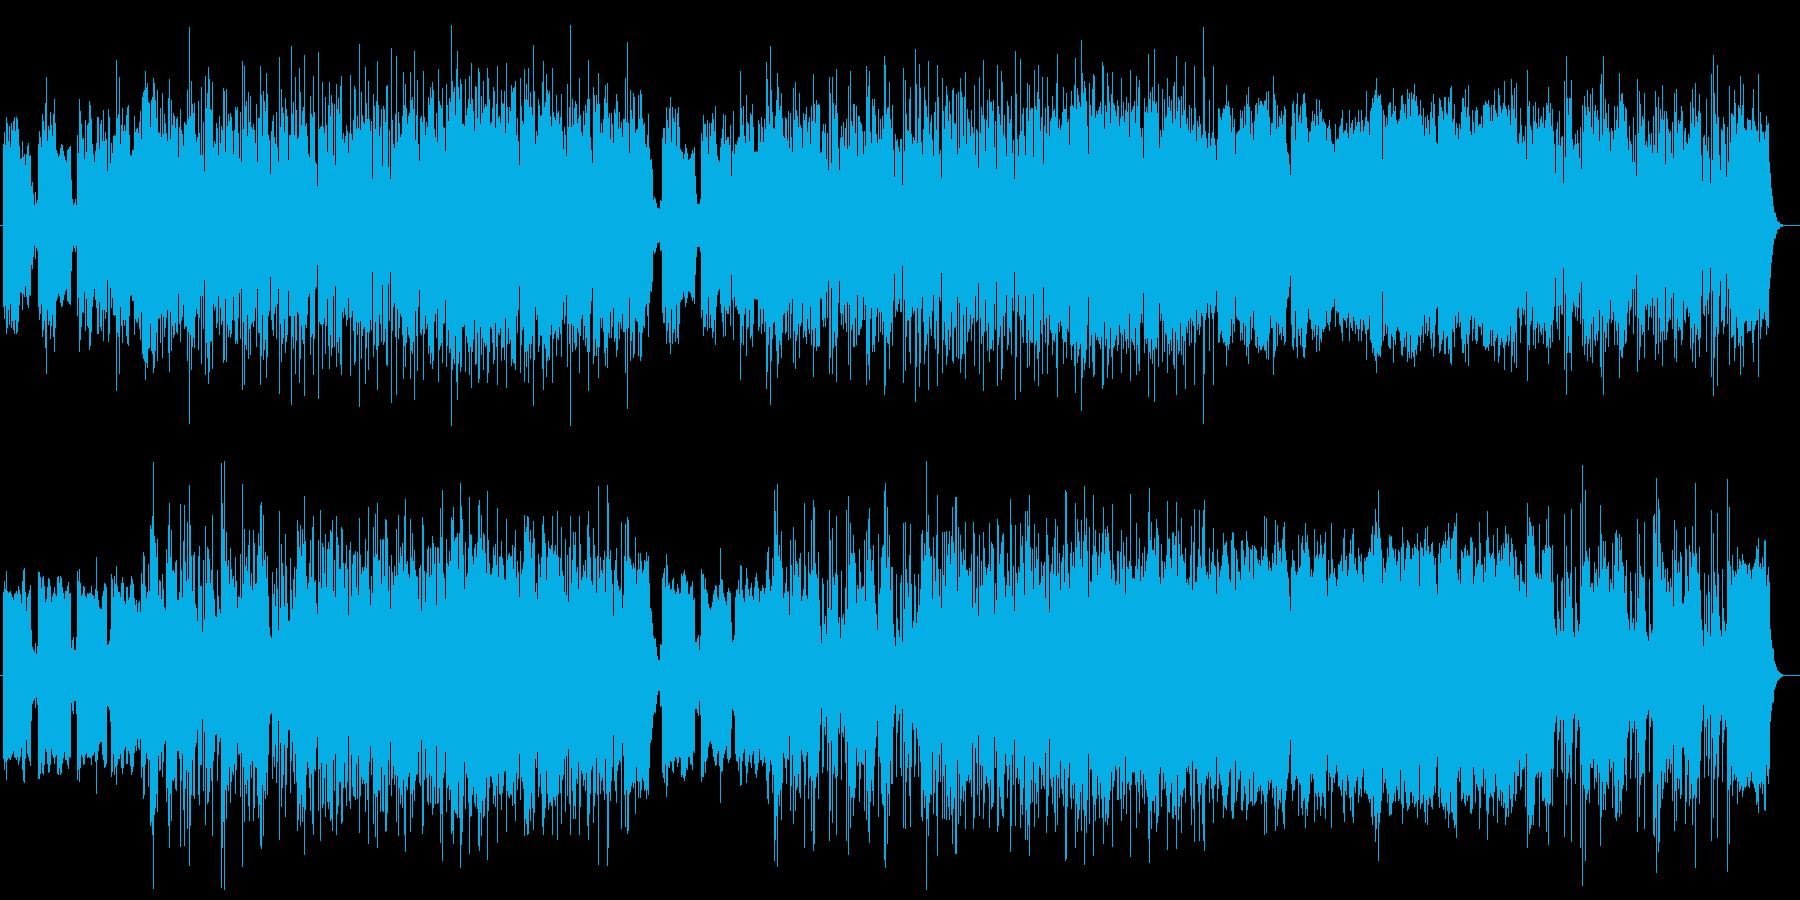 勢いあるドラマティックなシンセサウンドの再生済みの波形